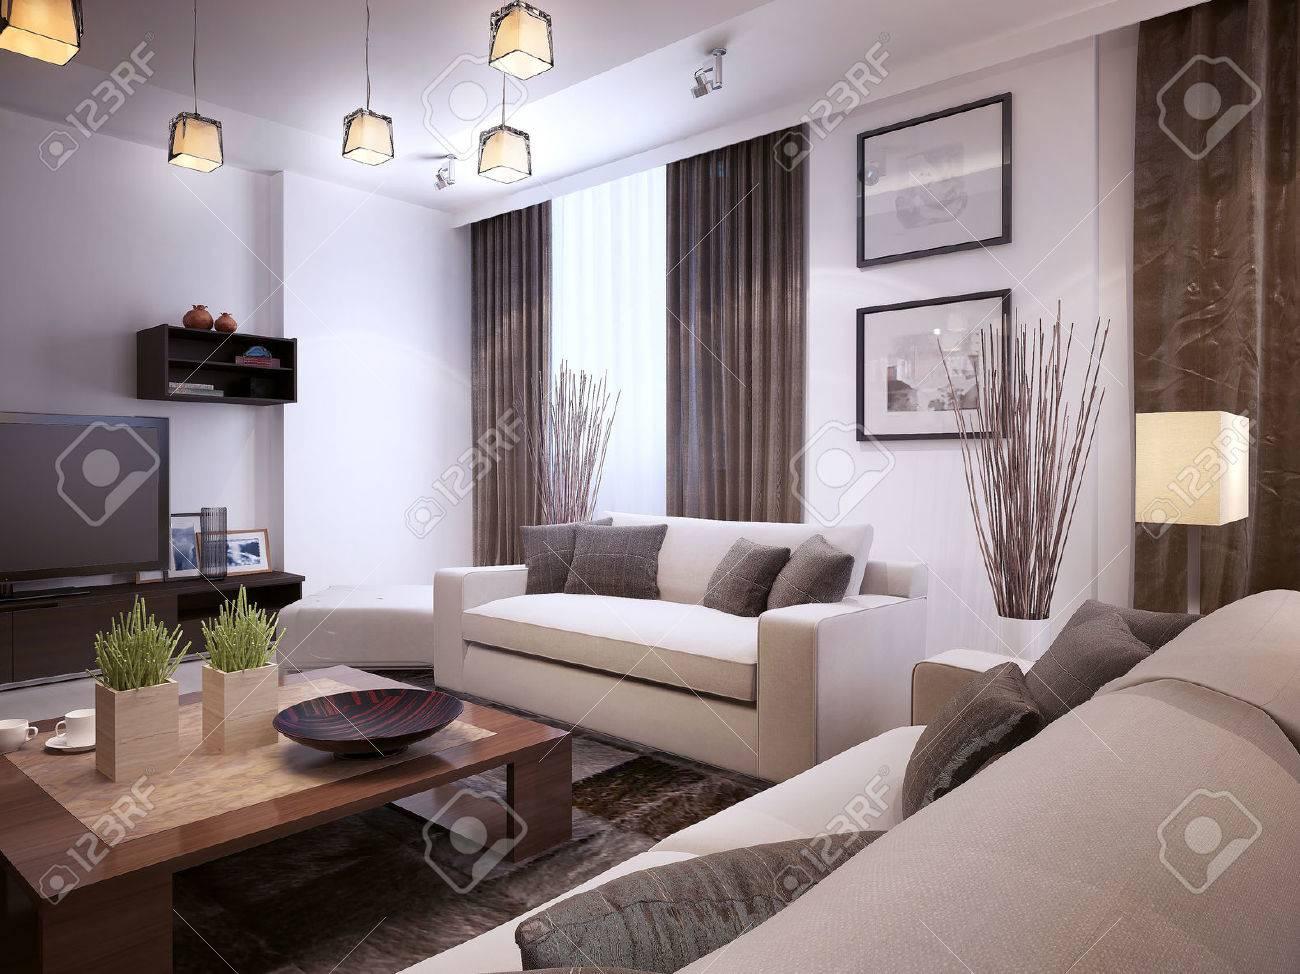 download wohnzimmer im modernen stil vitaplaza wohnzimmer dekoo - Wohnzimmer Im Modernen Stil